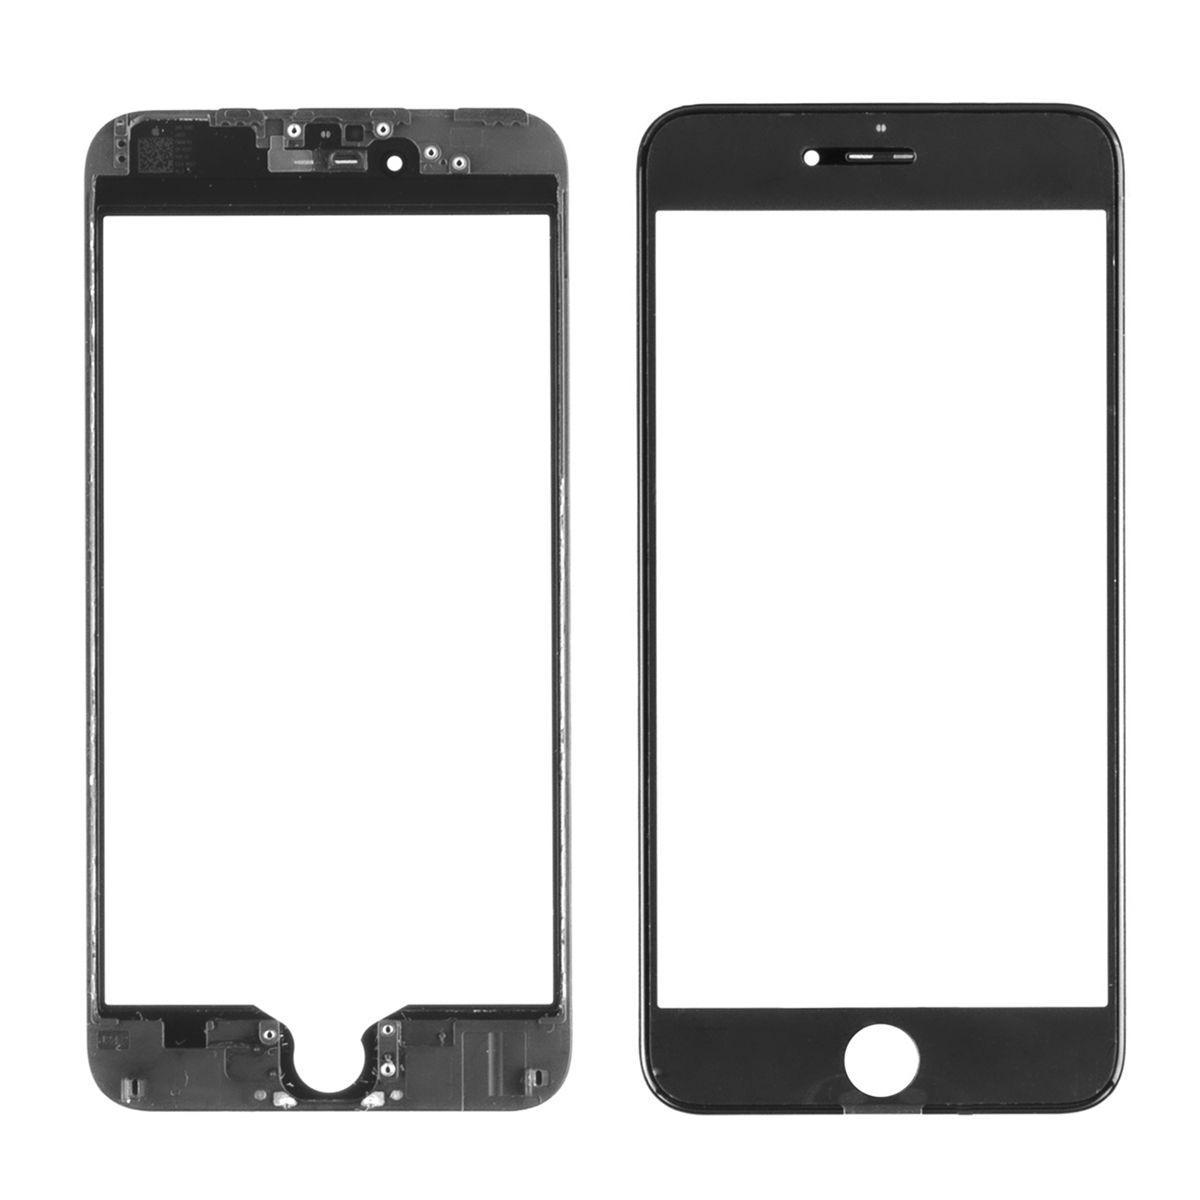 Стекло дисплей для iPhone 6G Plus (3 в 1) с рамкой и OCA пленкой, Black